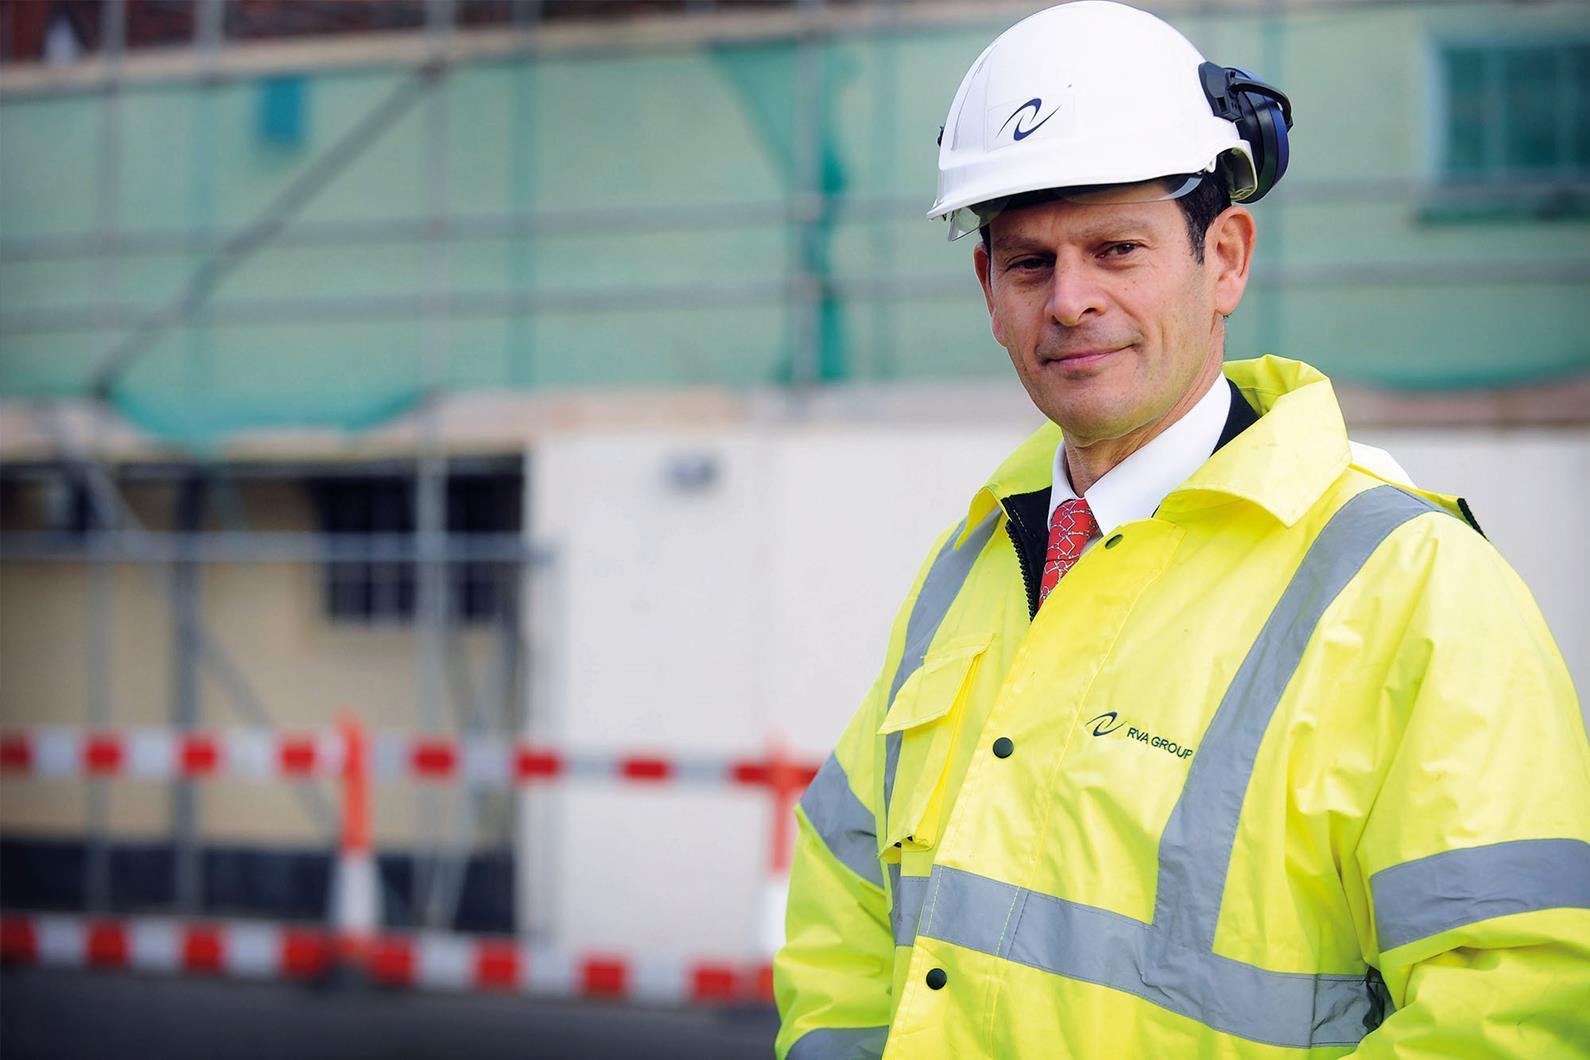 Ричард Ванн: высокие стандарты EHS (охрана труда, окружающей среды и техника безопасности)